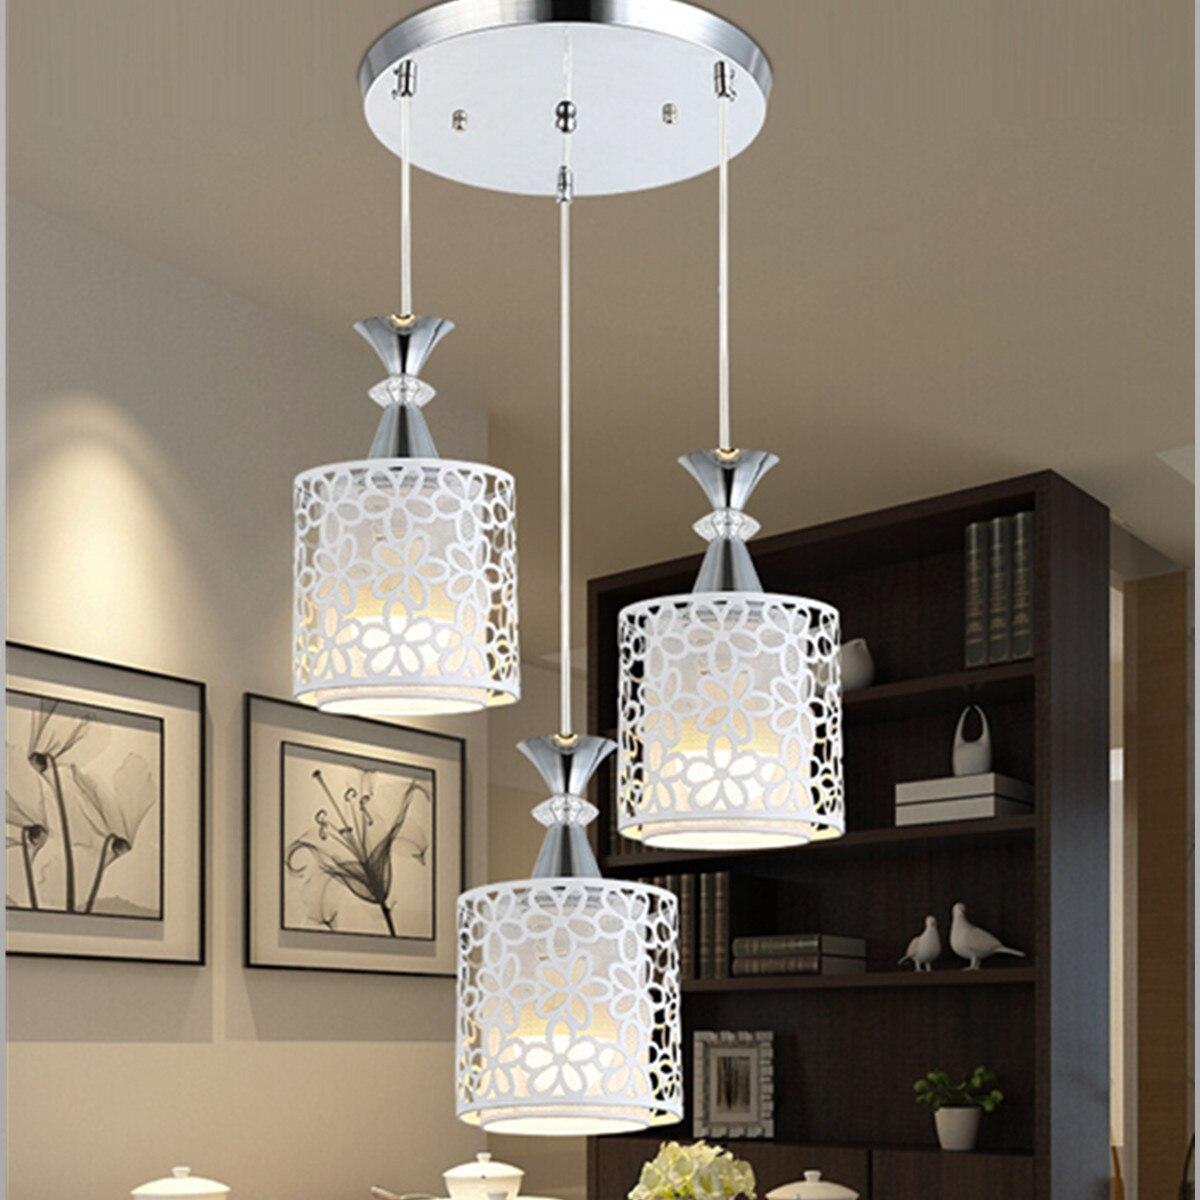 Modern Crystal Ceiling Lights Flower Lampshade White Light LED Lamp Living Room Indoor Lighting